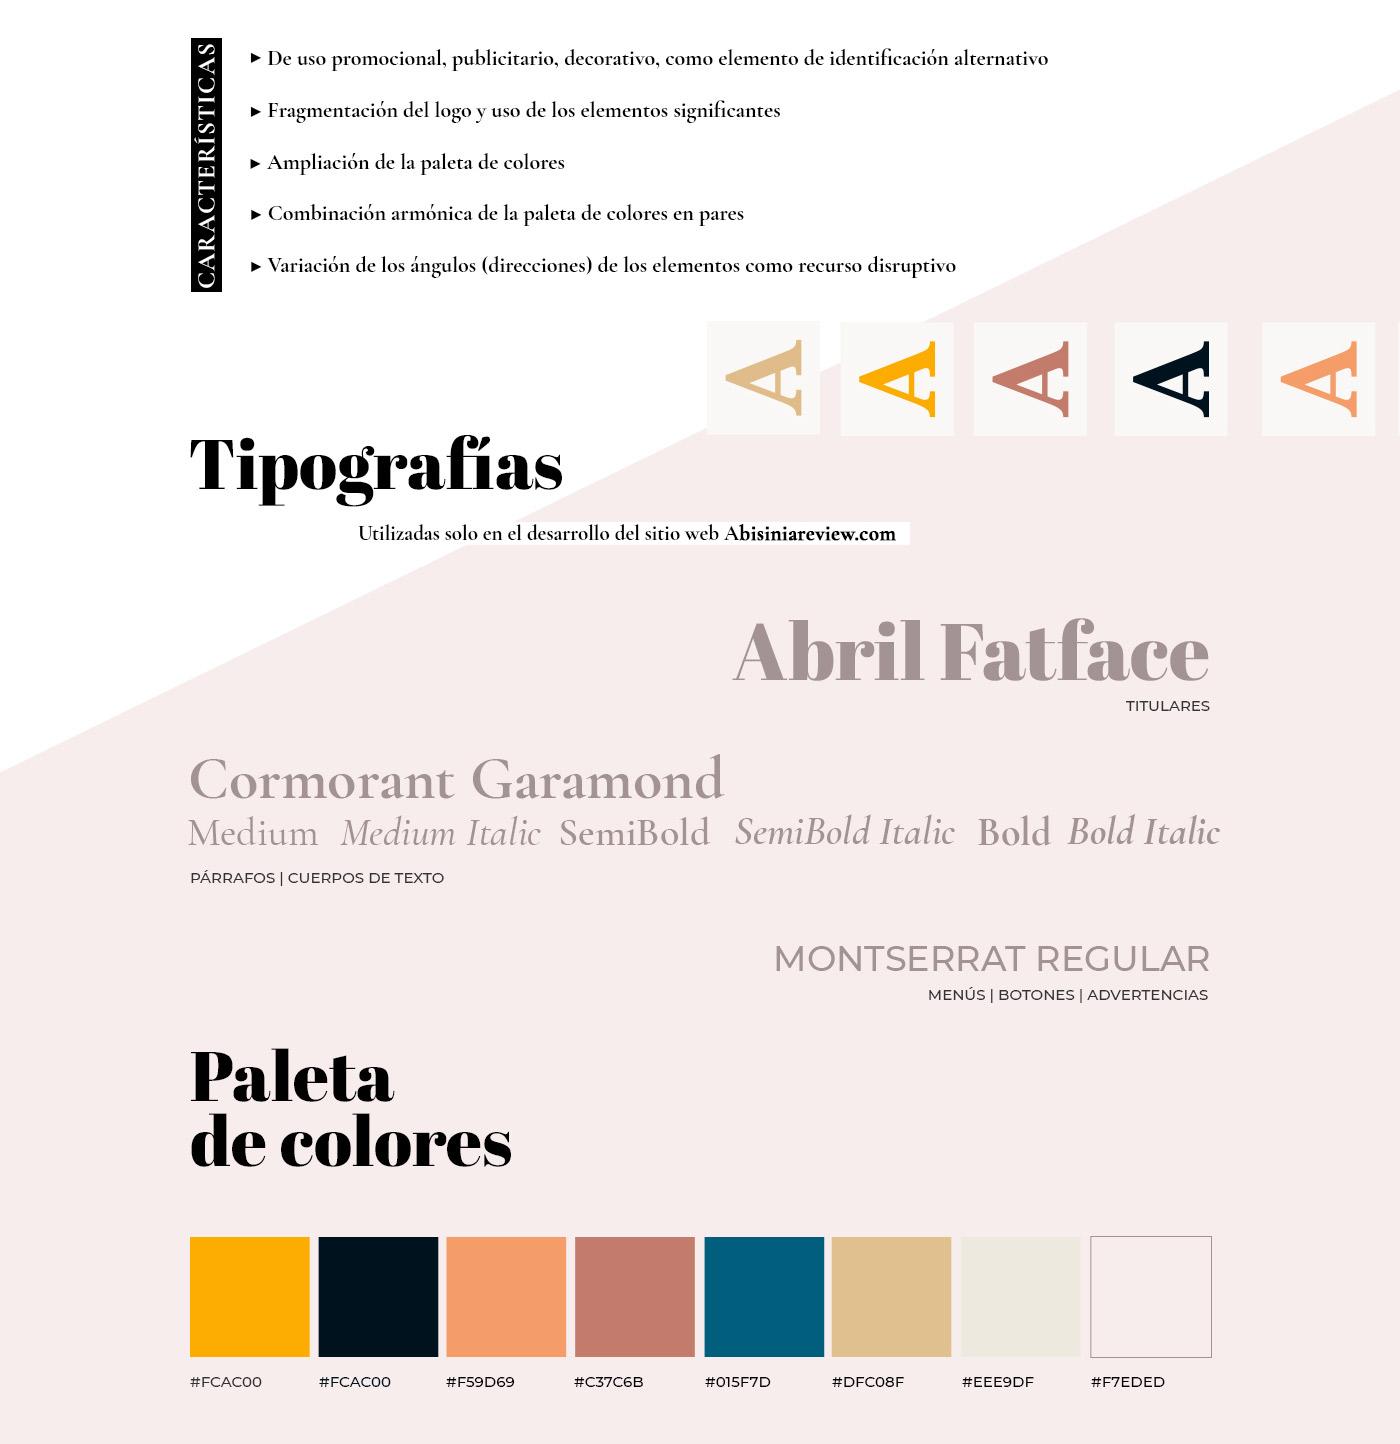 Portafolio Abisinia Review 03